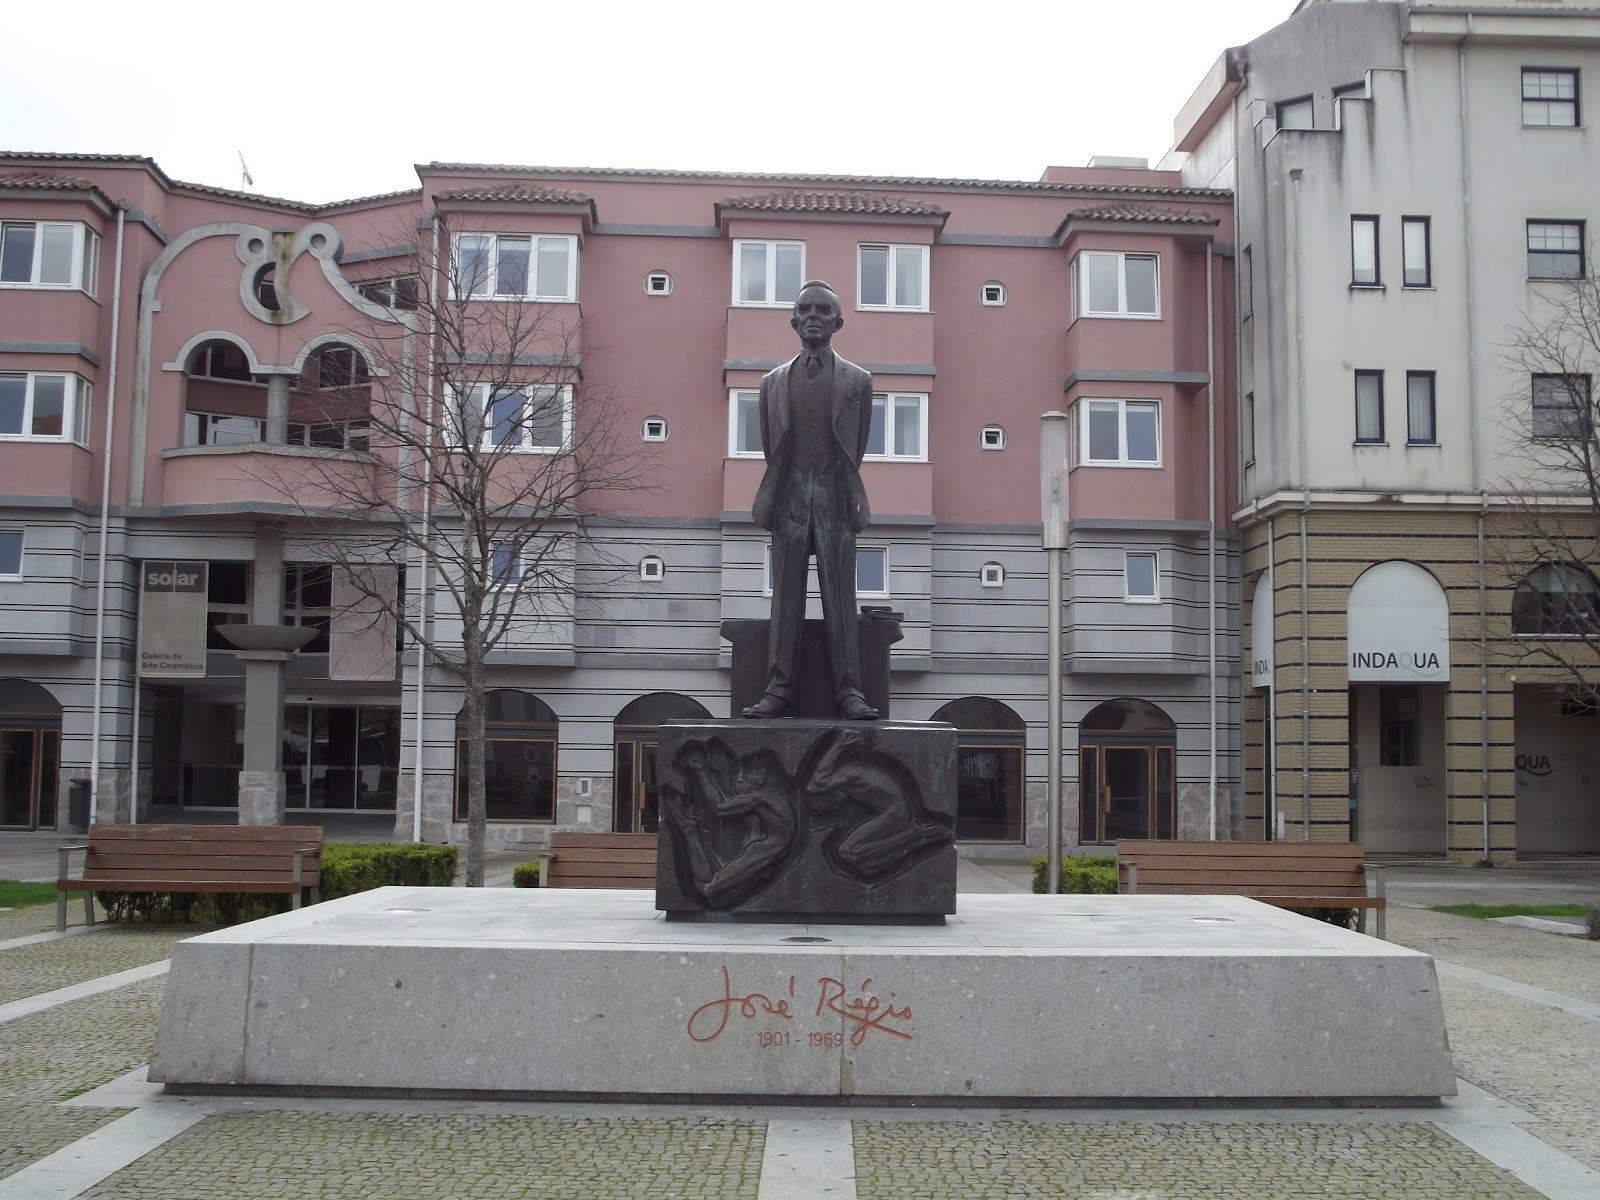 Resultado de imagem para josé regio estatua em vila do conde